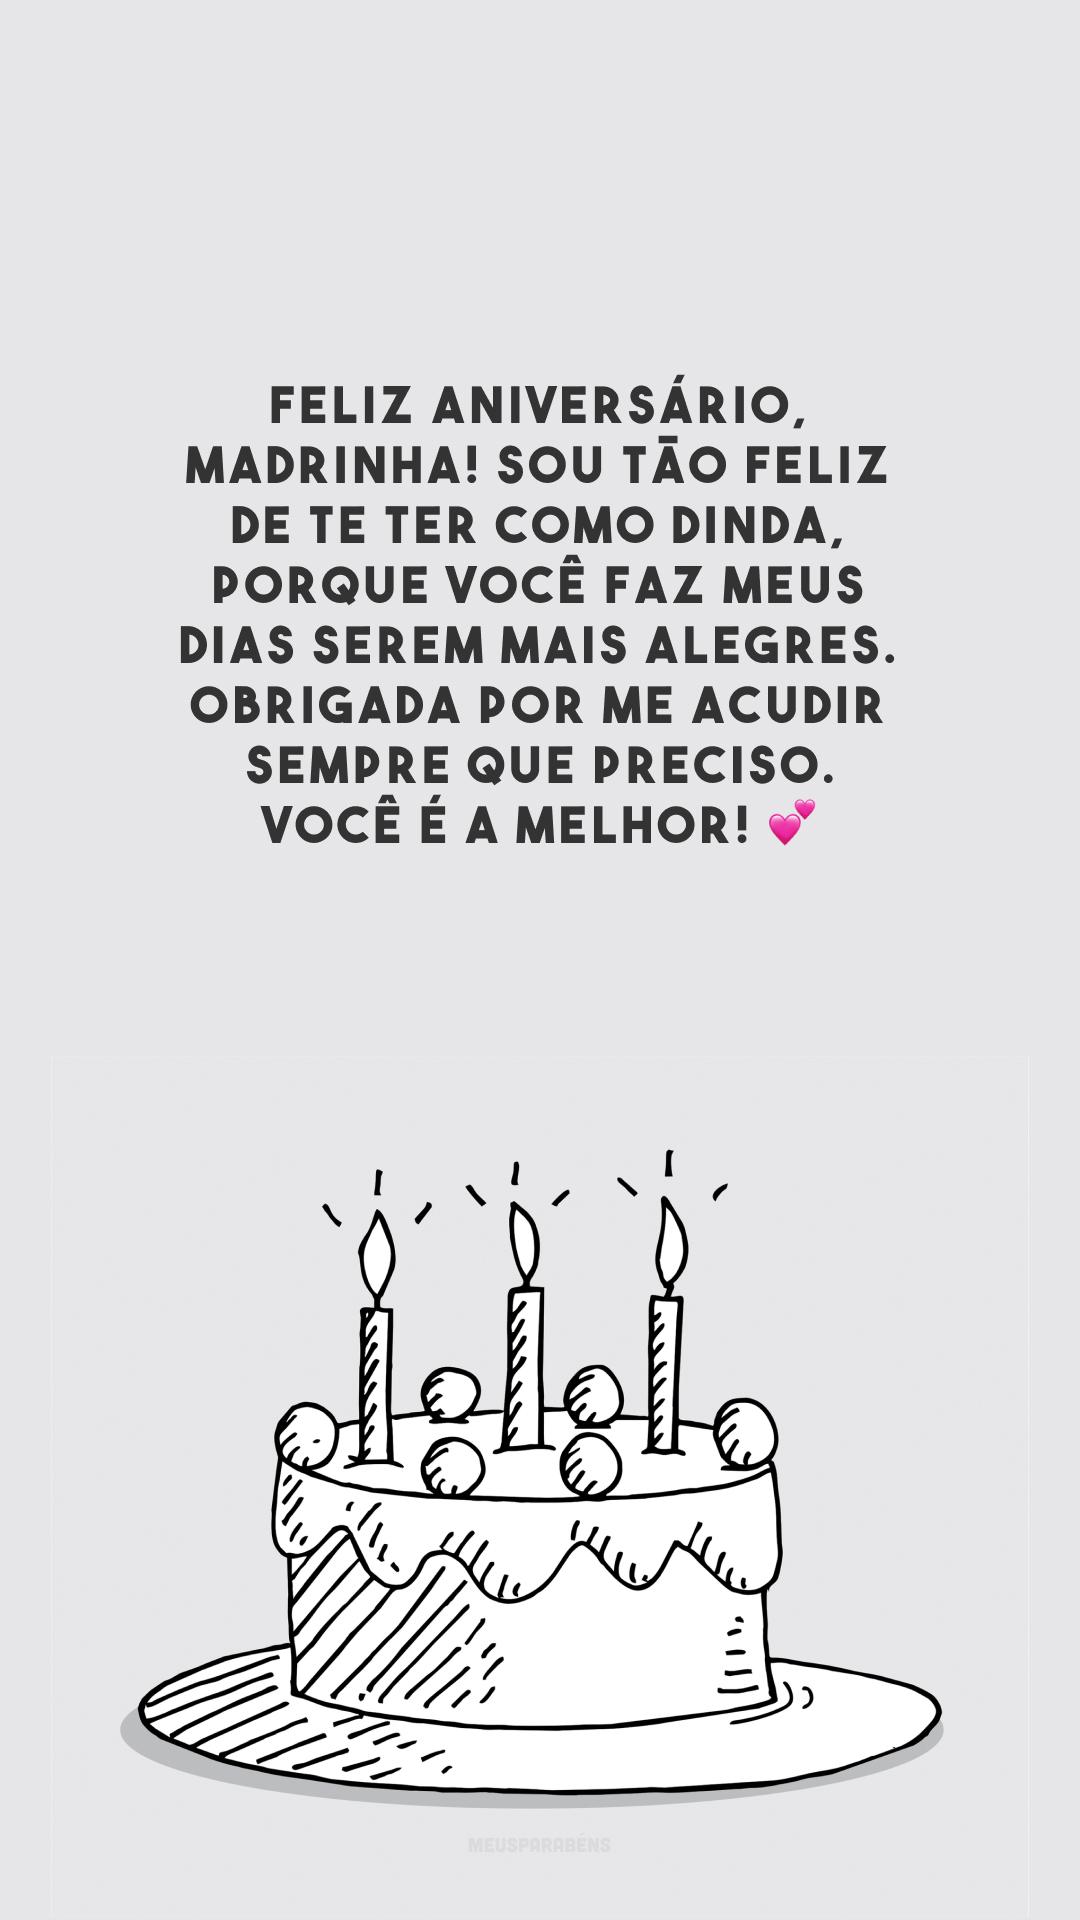 Feliz aniversário, madrinha! Sou tão feliz de te ter como dinda, porque você faz meus dias serem mais alegres. Obrigada por me acudir sempre que preciso. Você é a melhor! 💕